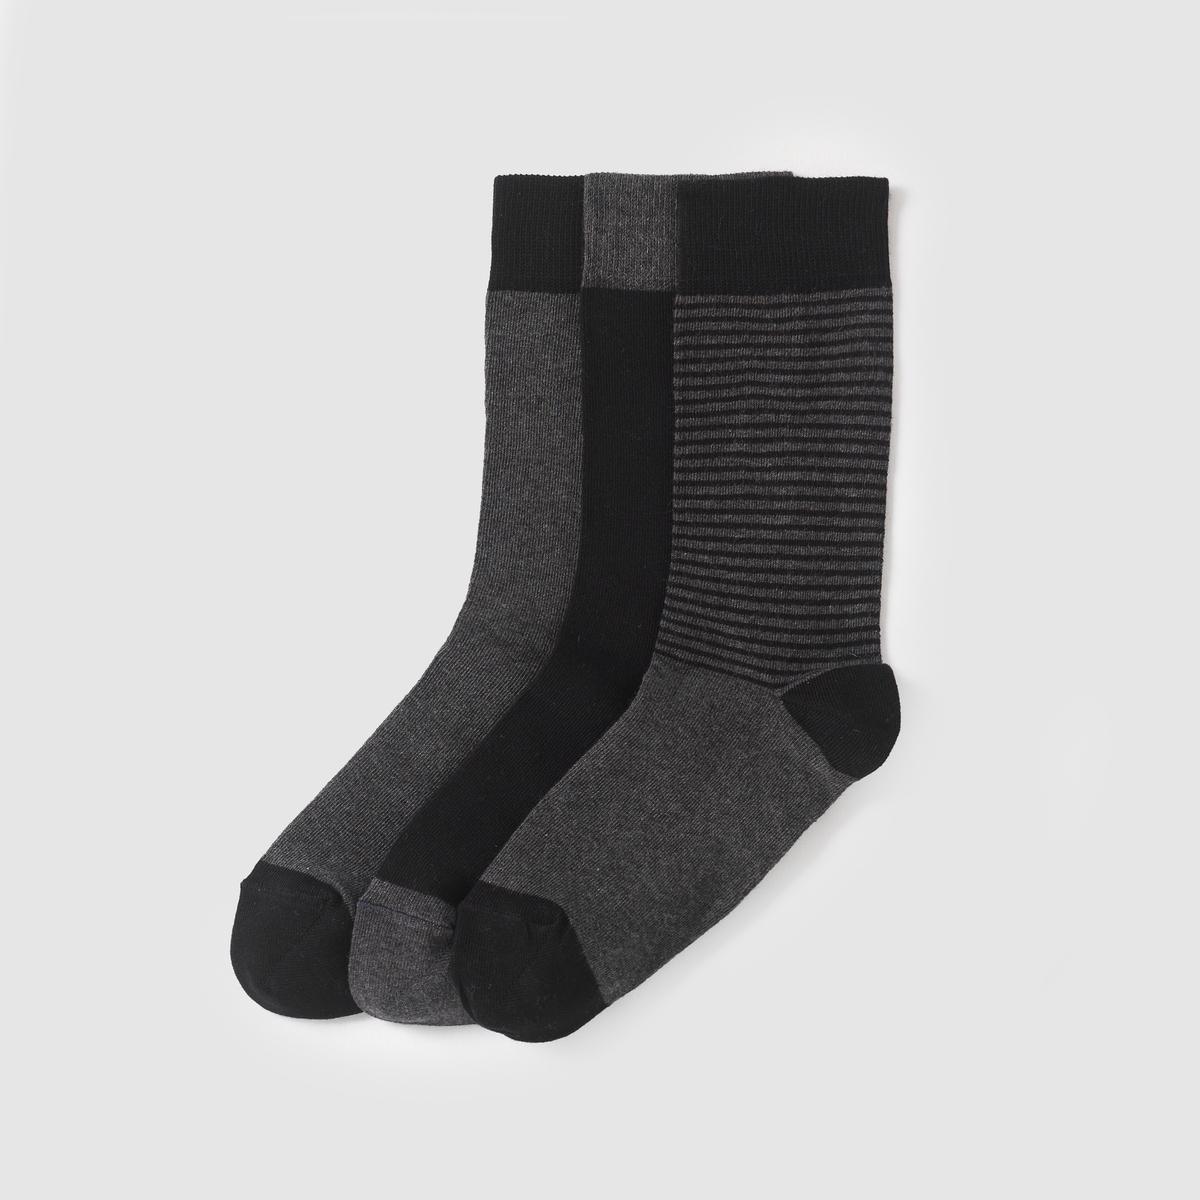 Комплект из 3 пар носков3 пары носков : 1 в полоску и 2 однотонных . Контрастная двухцветная расцветка .Состав и описание Материал : 80% хлопка, 17% полиамида, 3% эластана    Марка : R Essentiel.<br><br>Цвет: антрацит + черный<br>Размер: 39/42.43/45